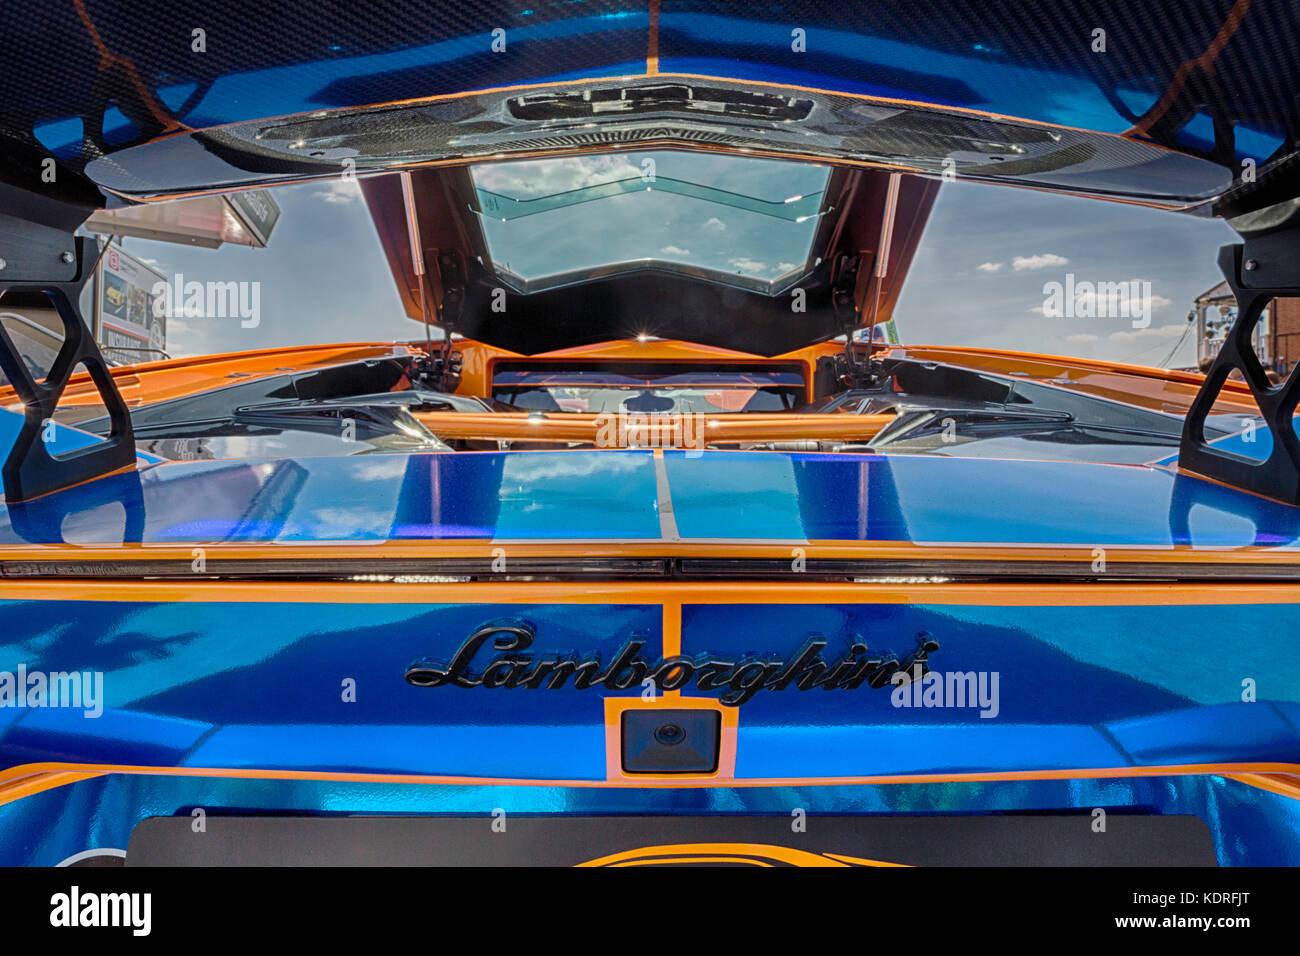 Lamborghini Rear Wing - Stock Image